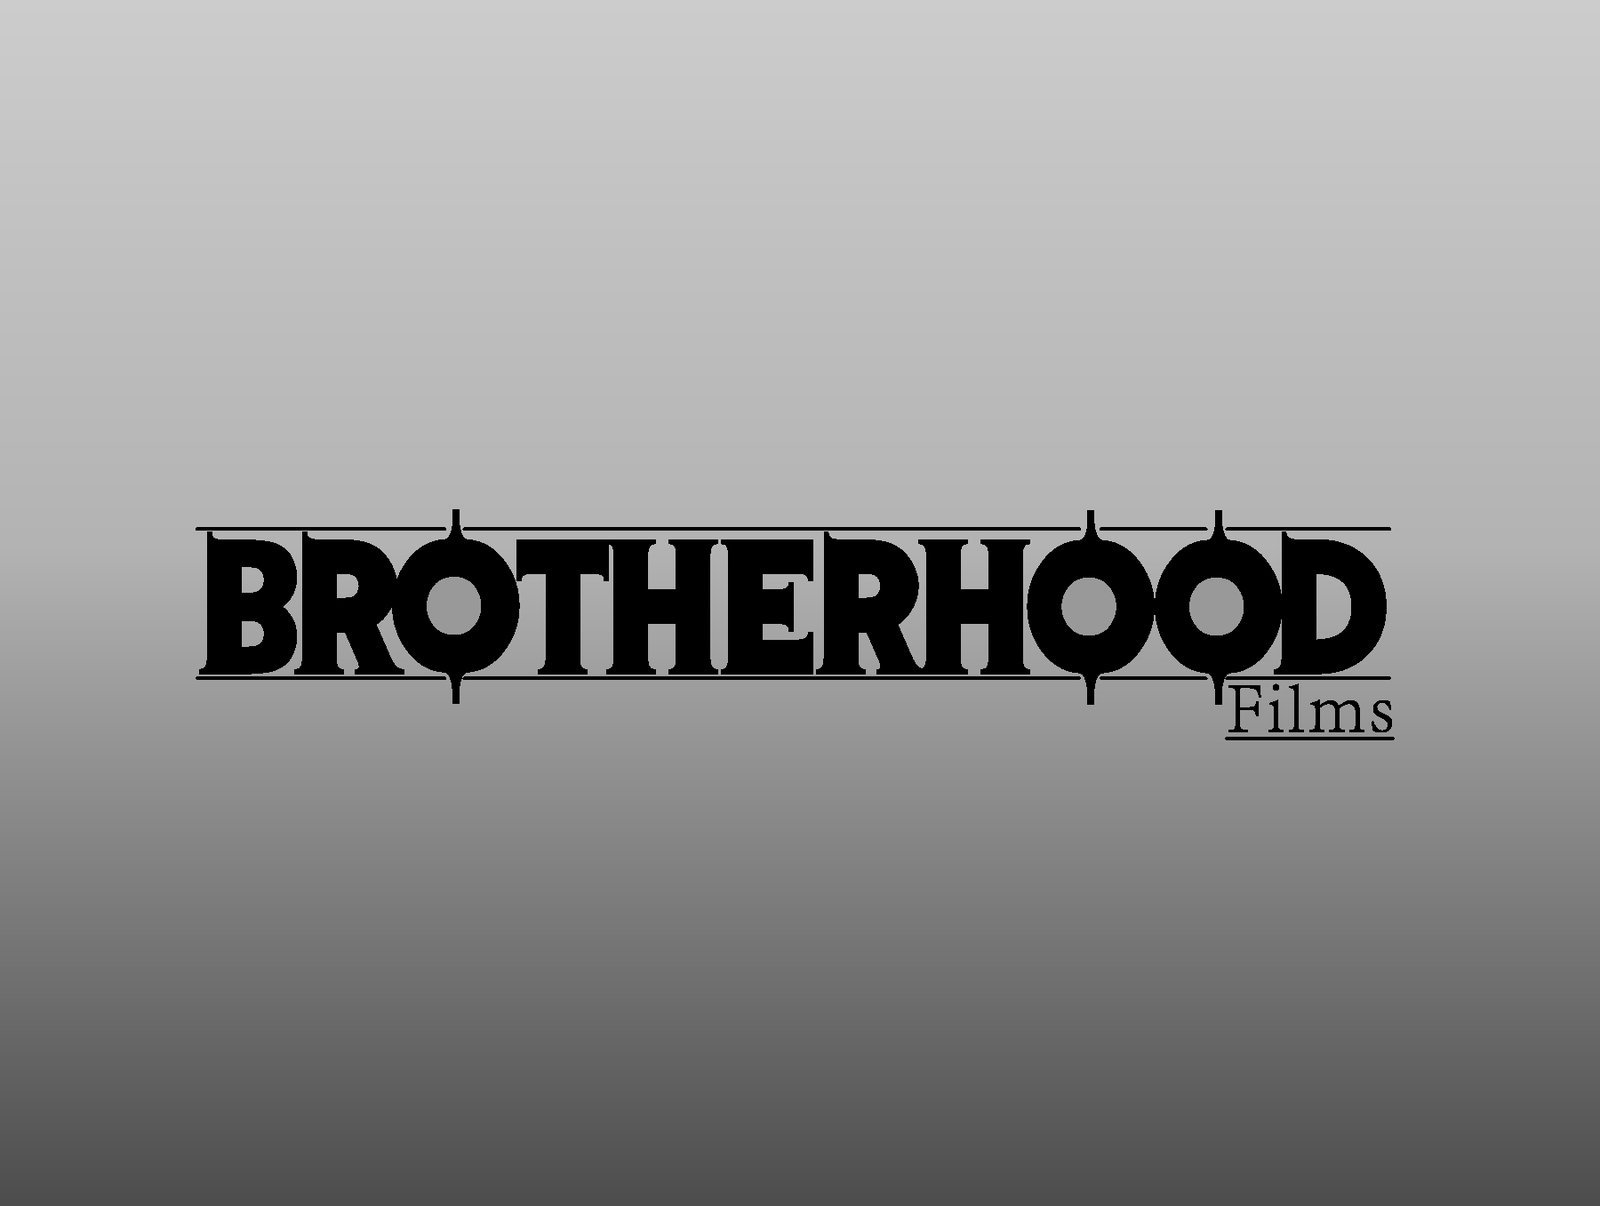 TheBrotherhood Logo